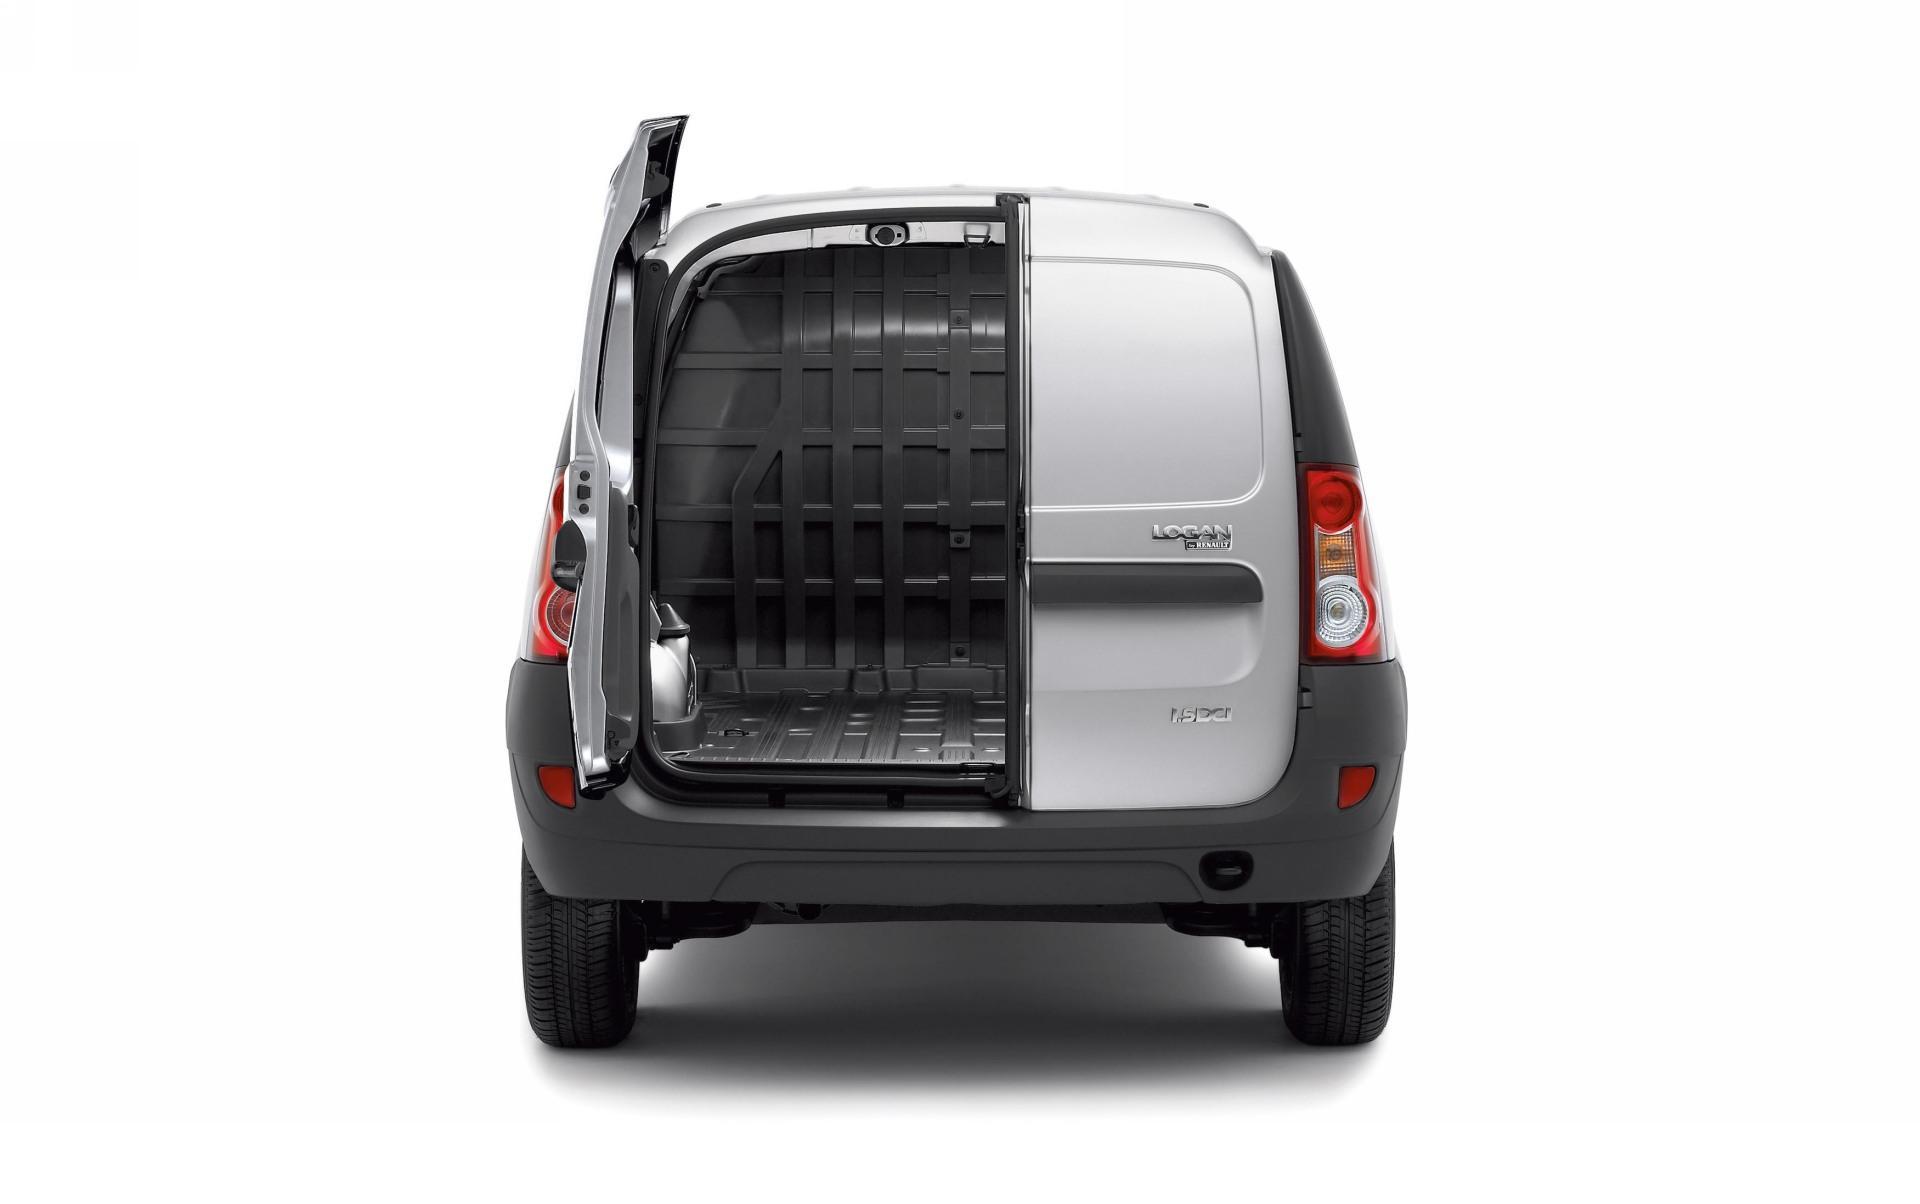 2009 Dacia Logan Van Image